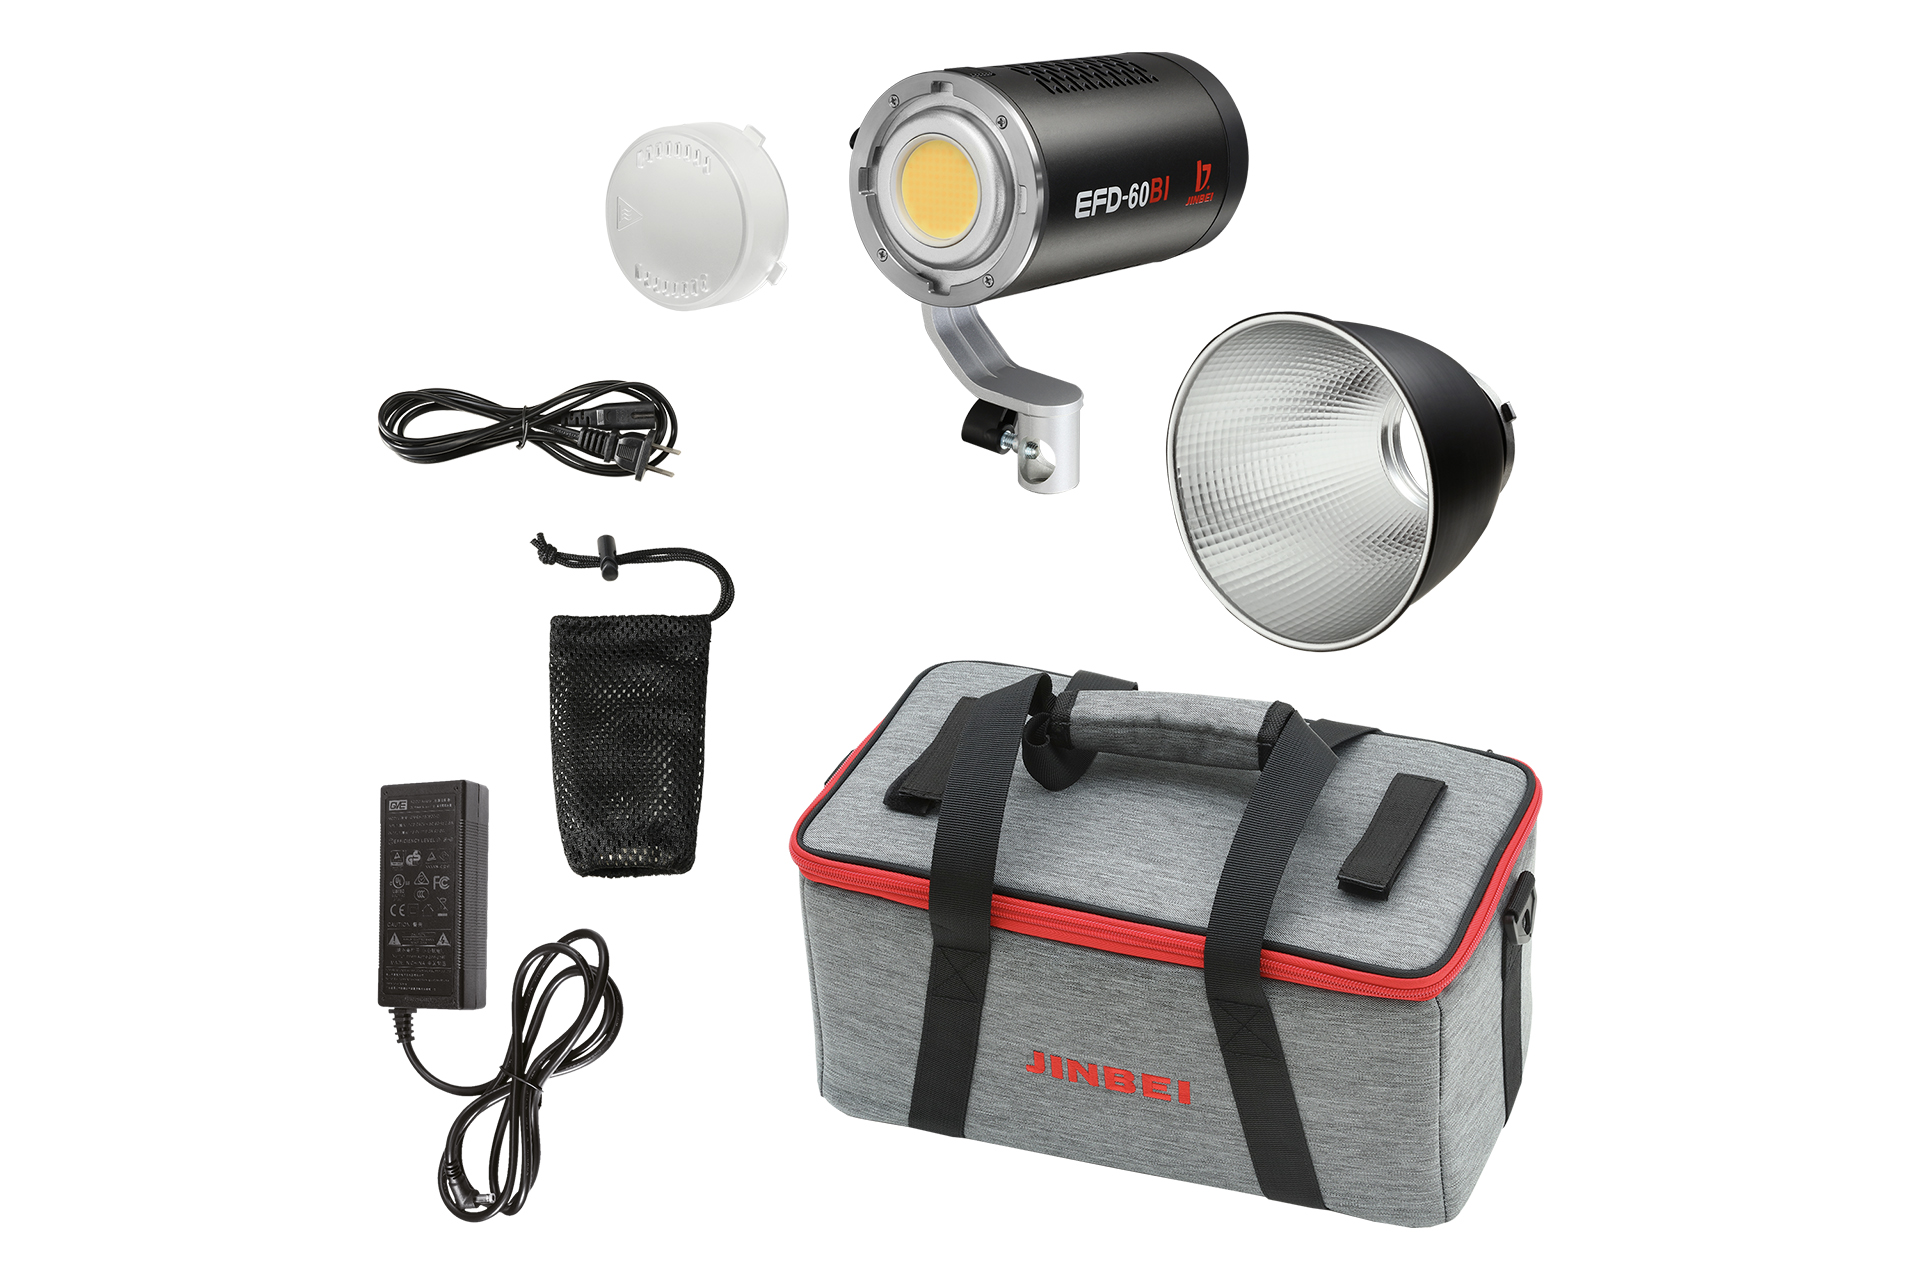 Kompakte LED-Dauerlichter